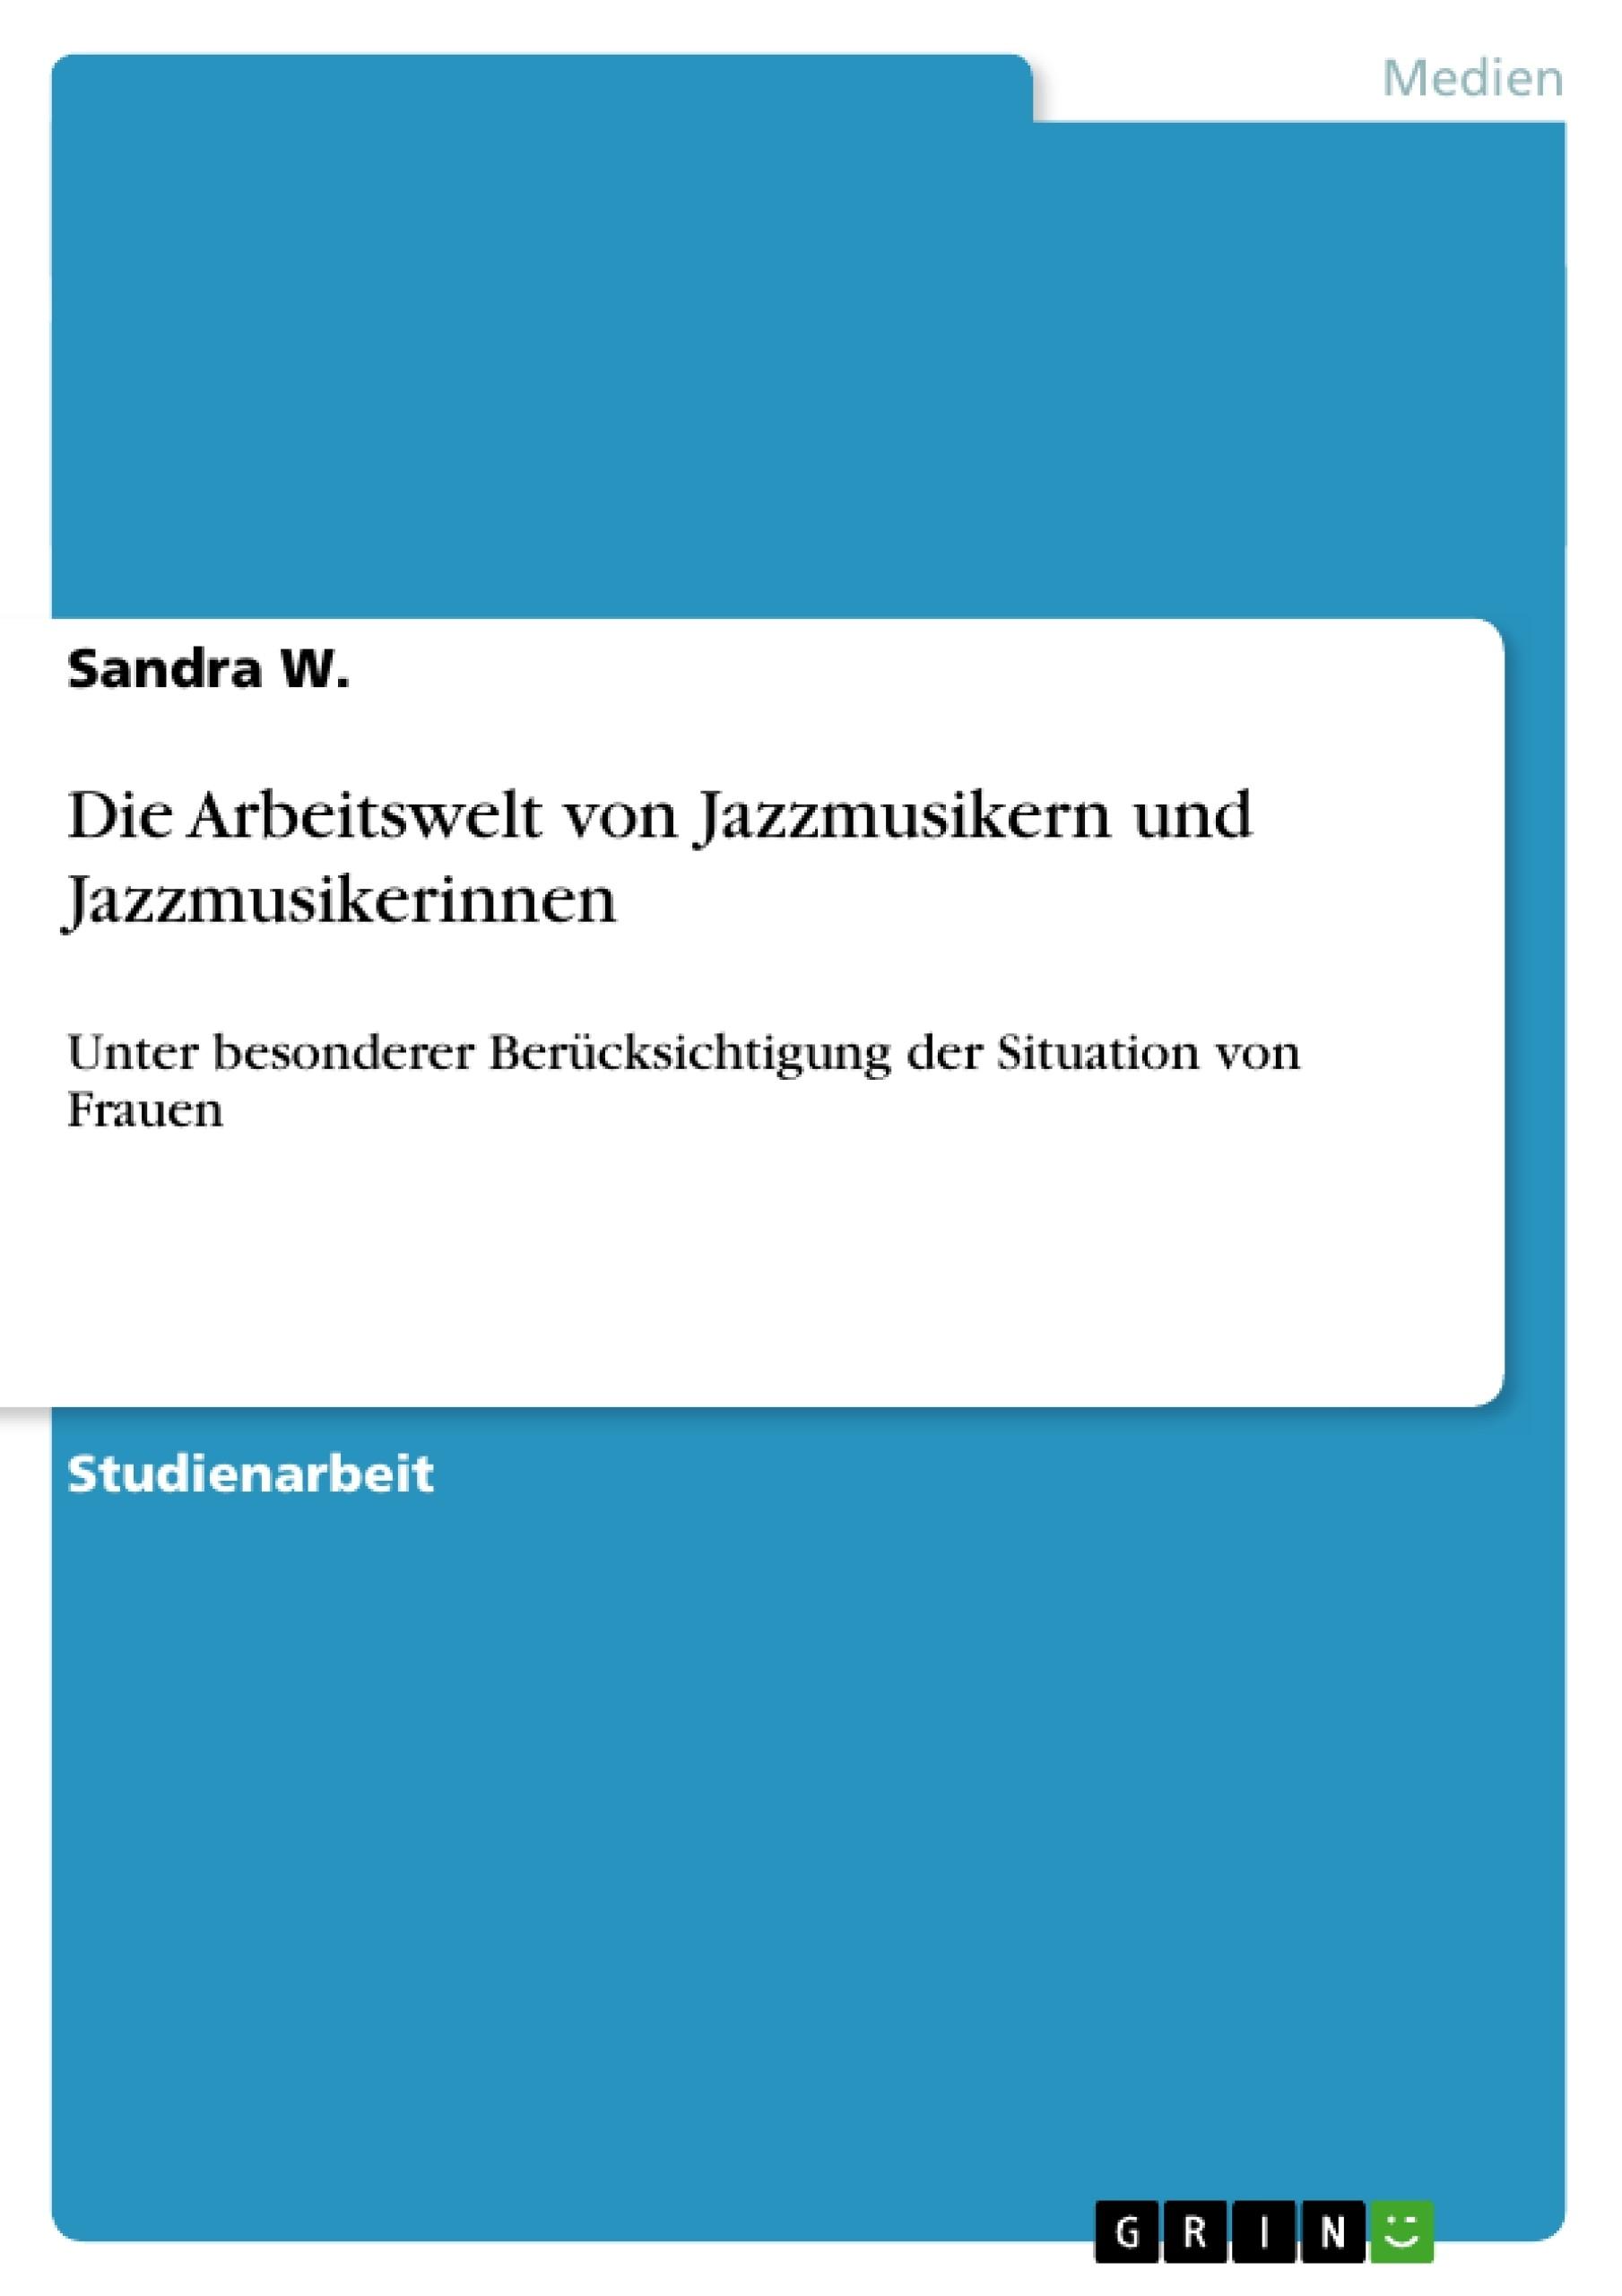 Titel: Die Arbeitswelt von Jazzmusikern und Jazzmusikerinnen